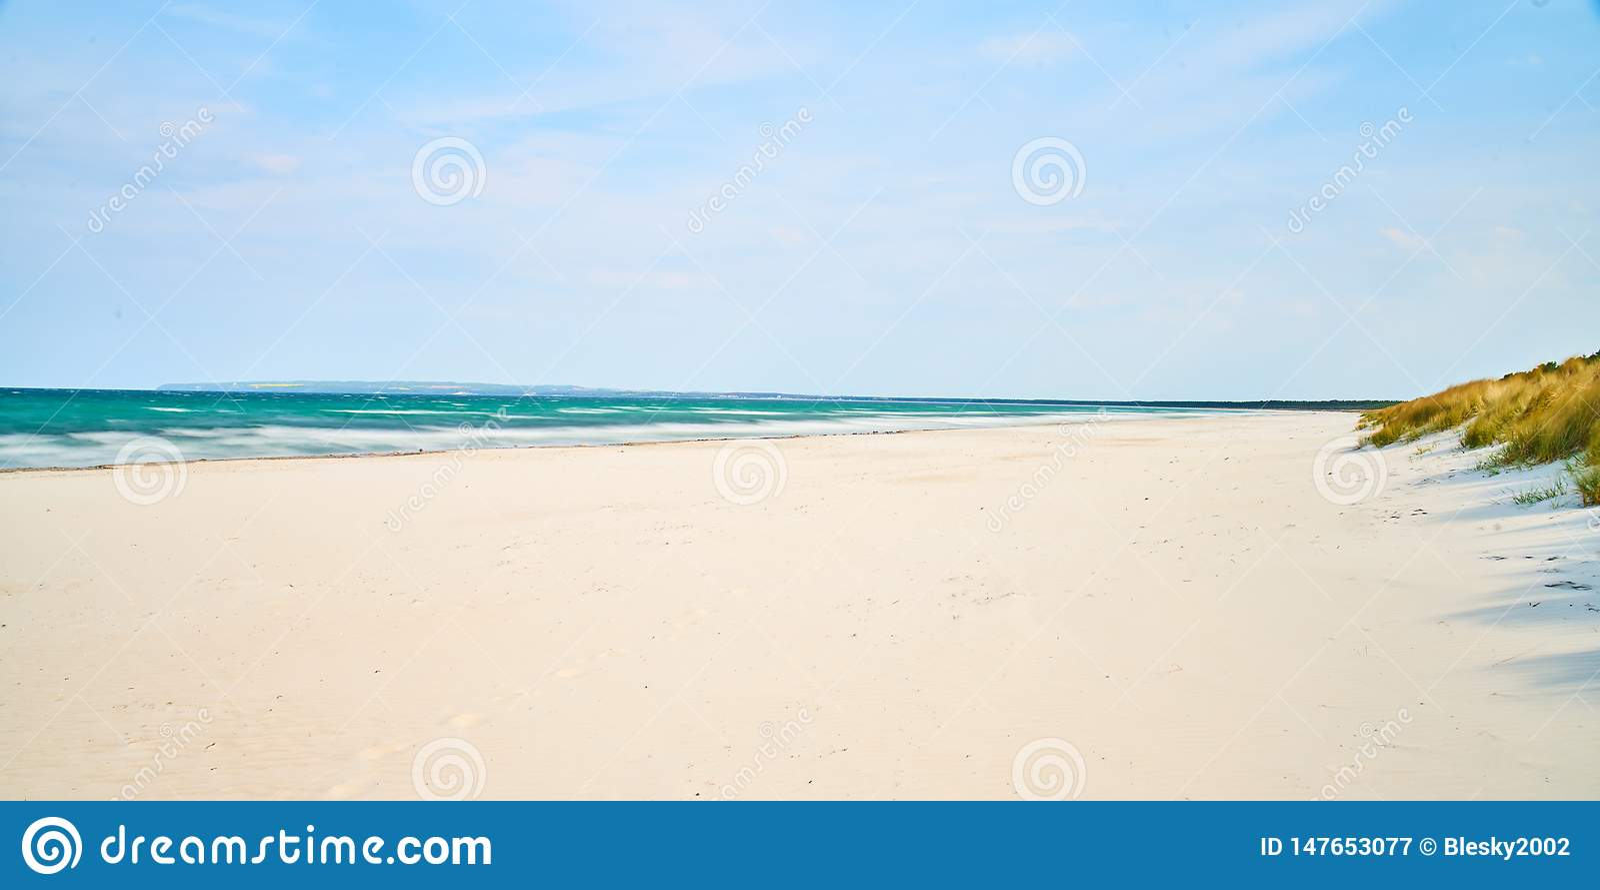 Sandy beach, white sand blue sky, Germany